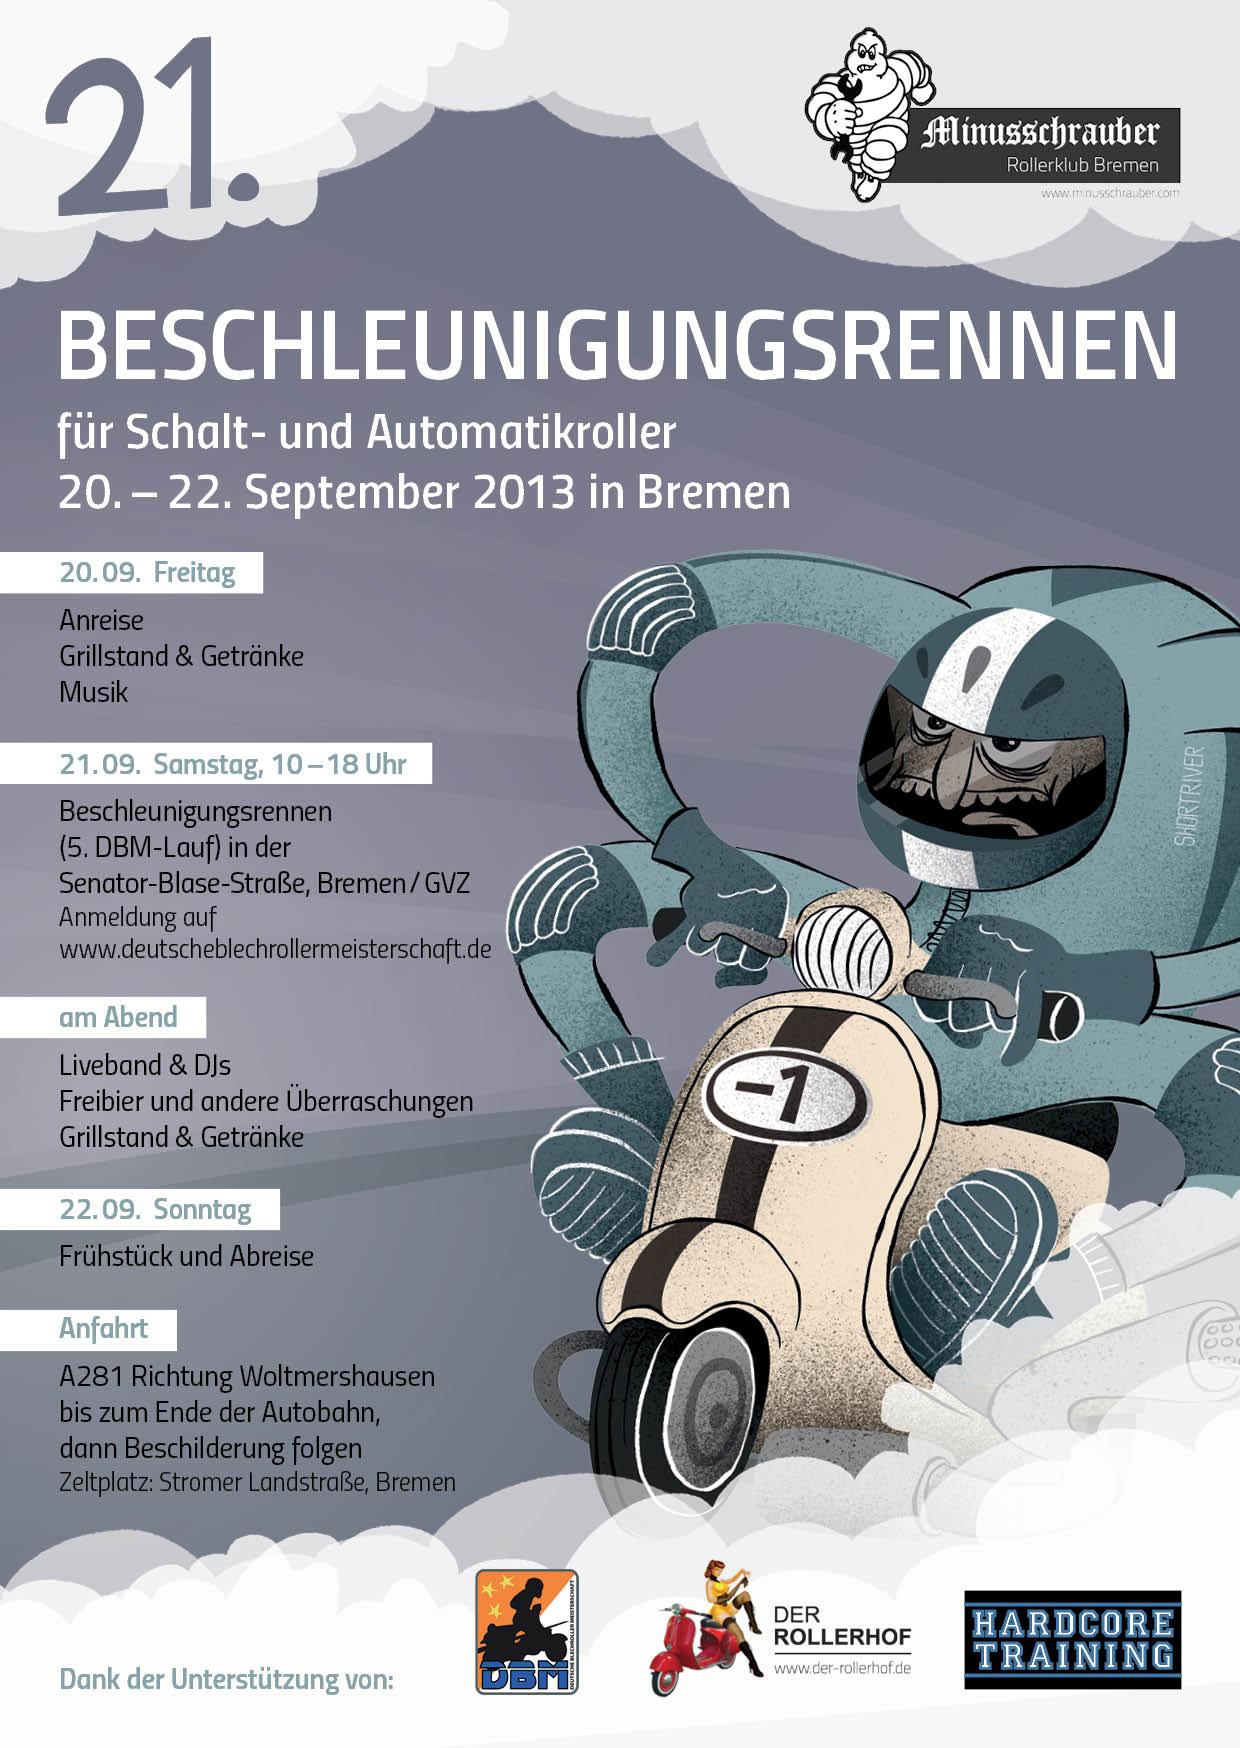 Flyer Minusschrauber Beschleunigungsrennen 2013